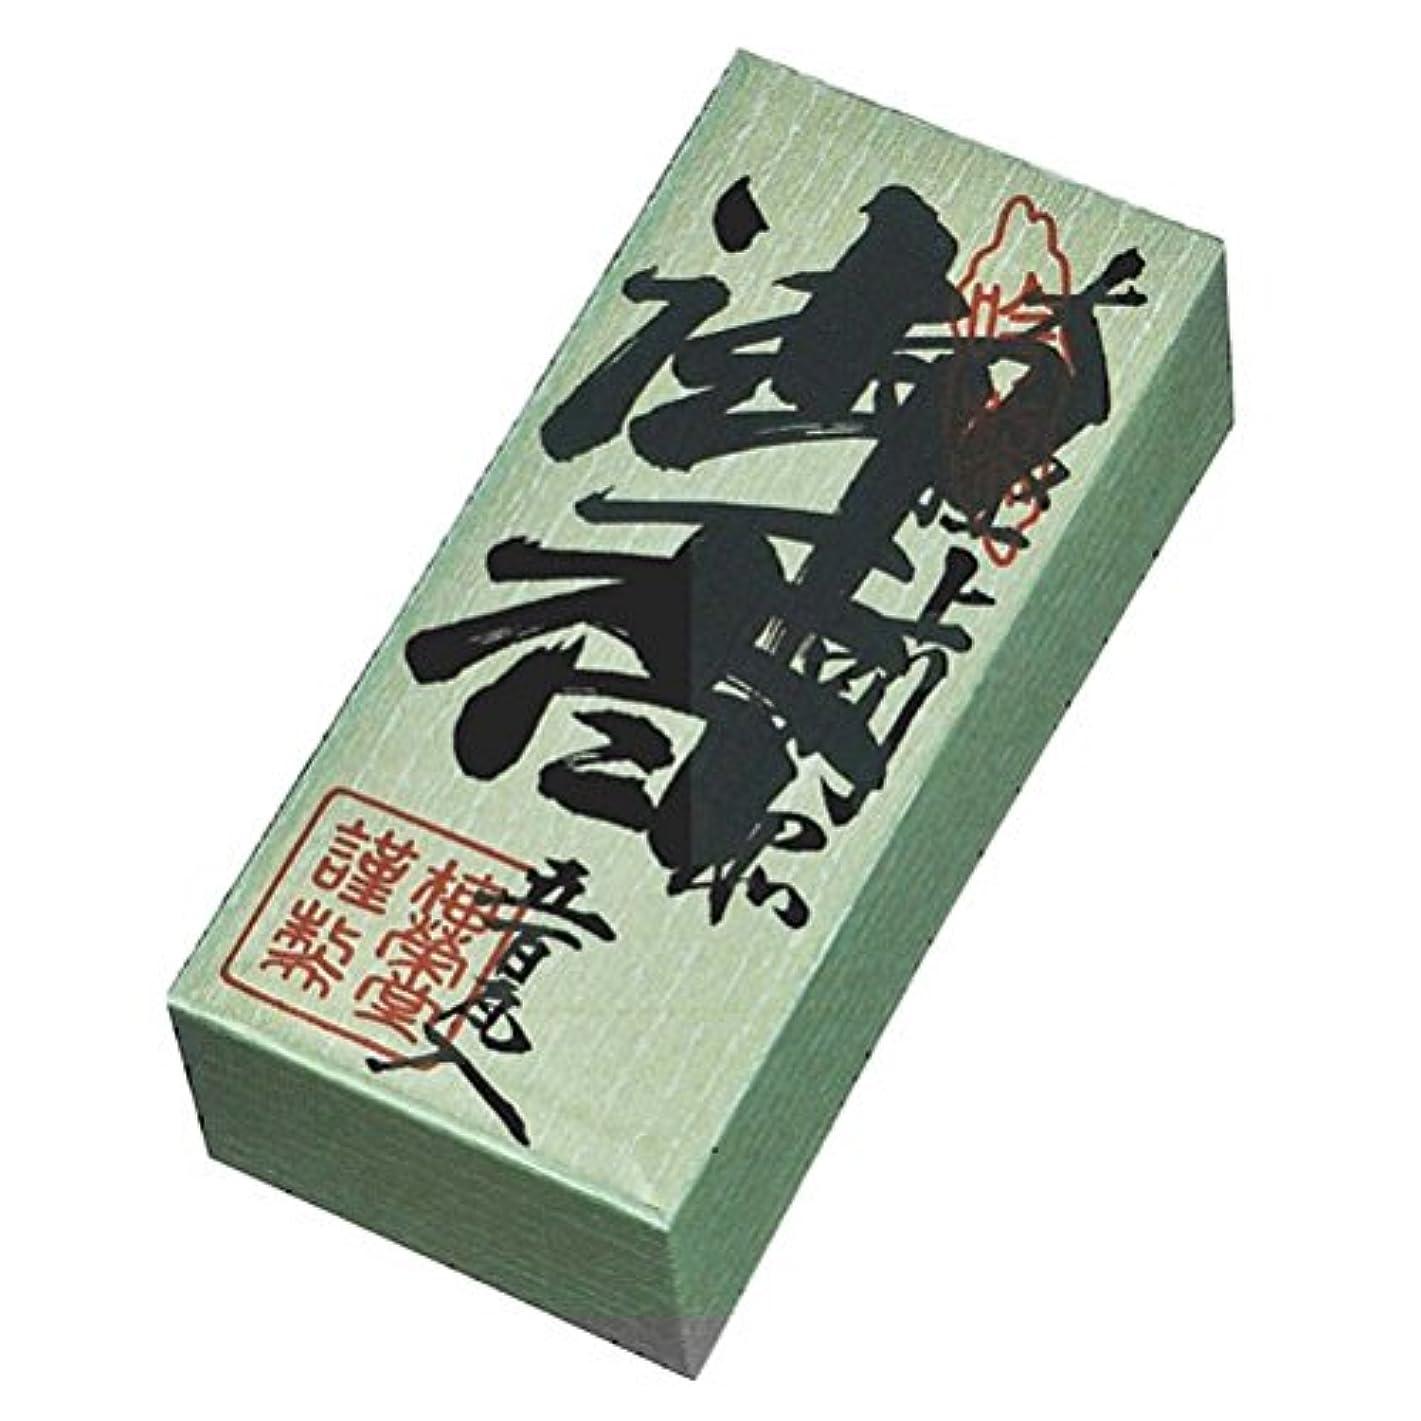 月面財布保証する梅栄印 500g 紙箱入り お焼香 梅栄堂